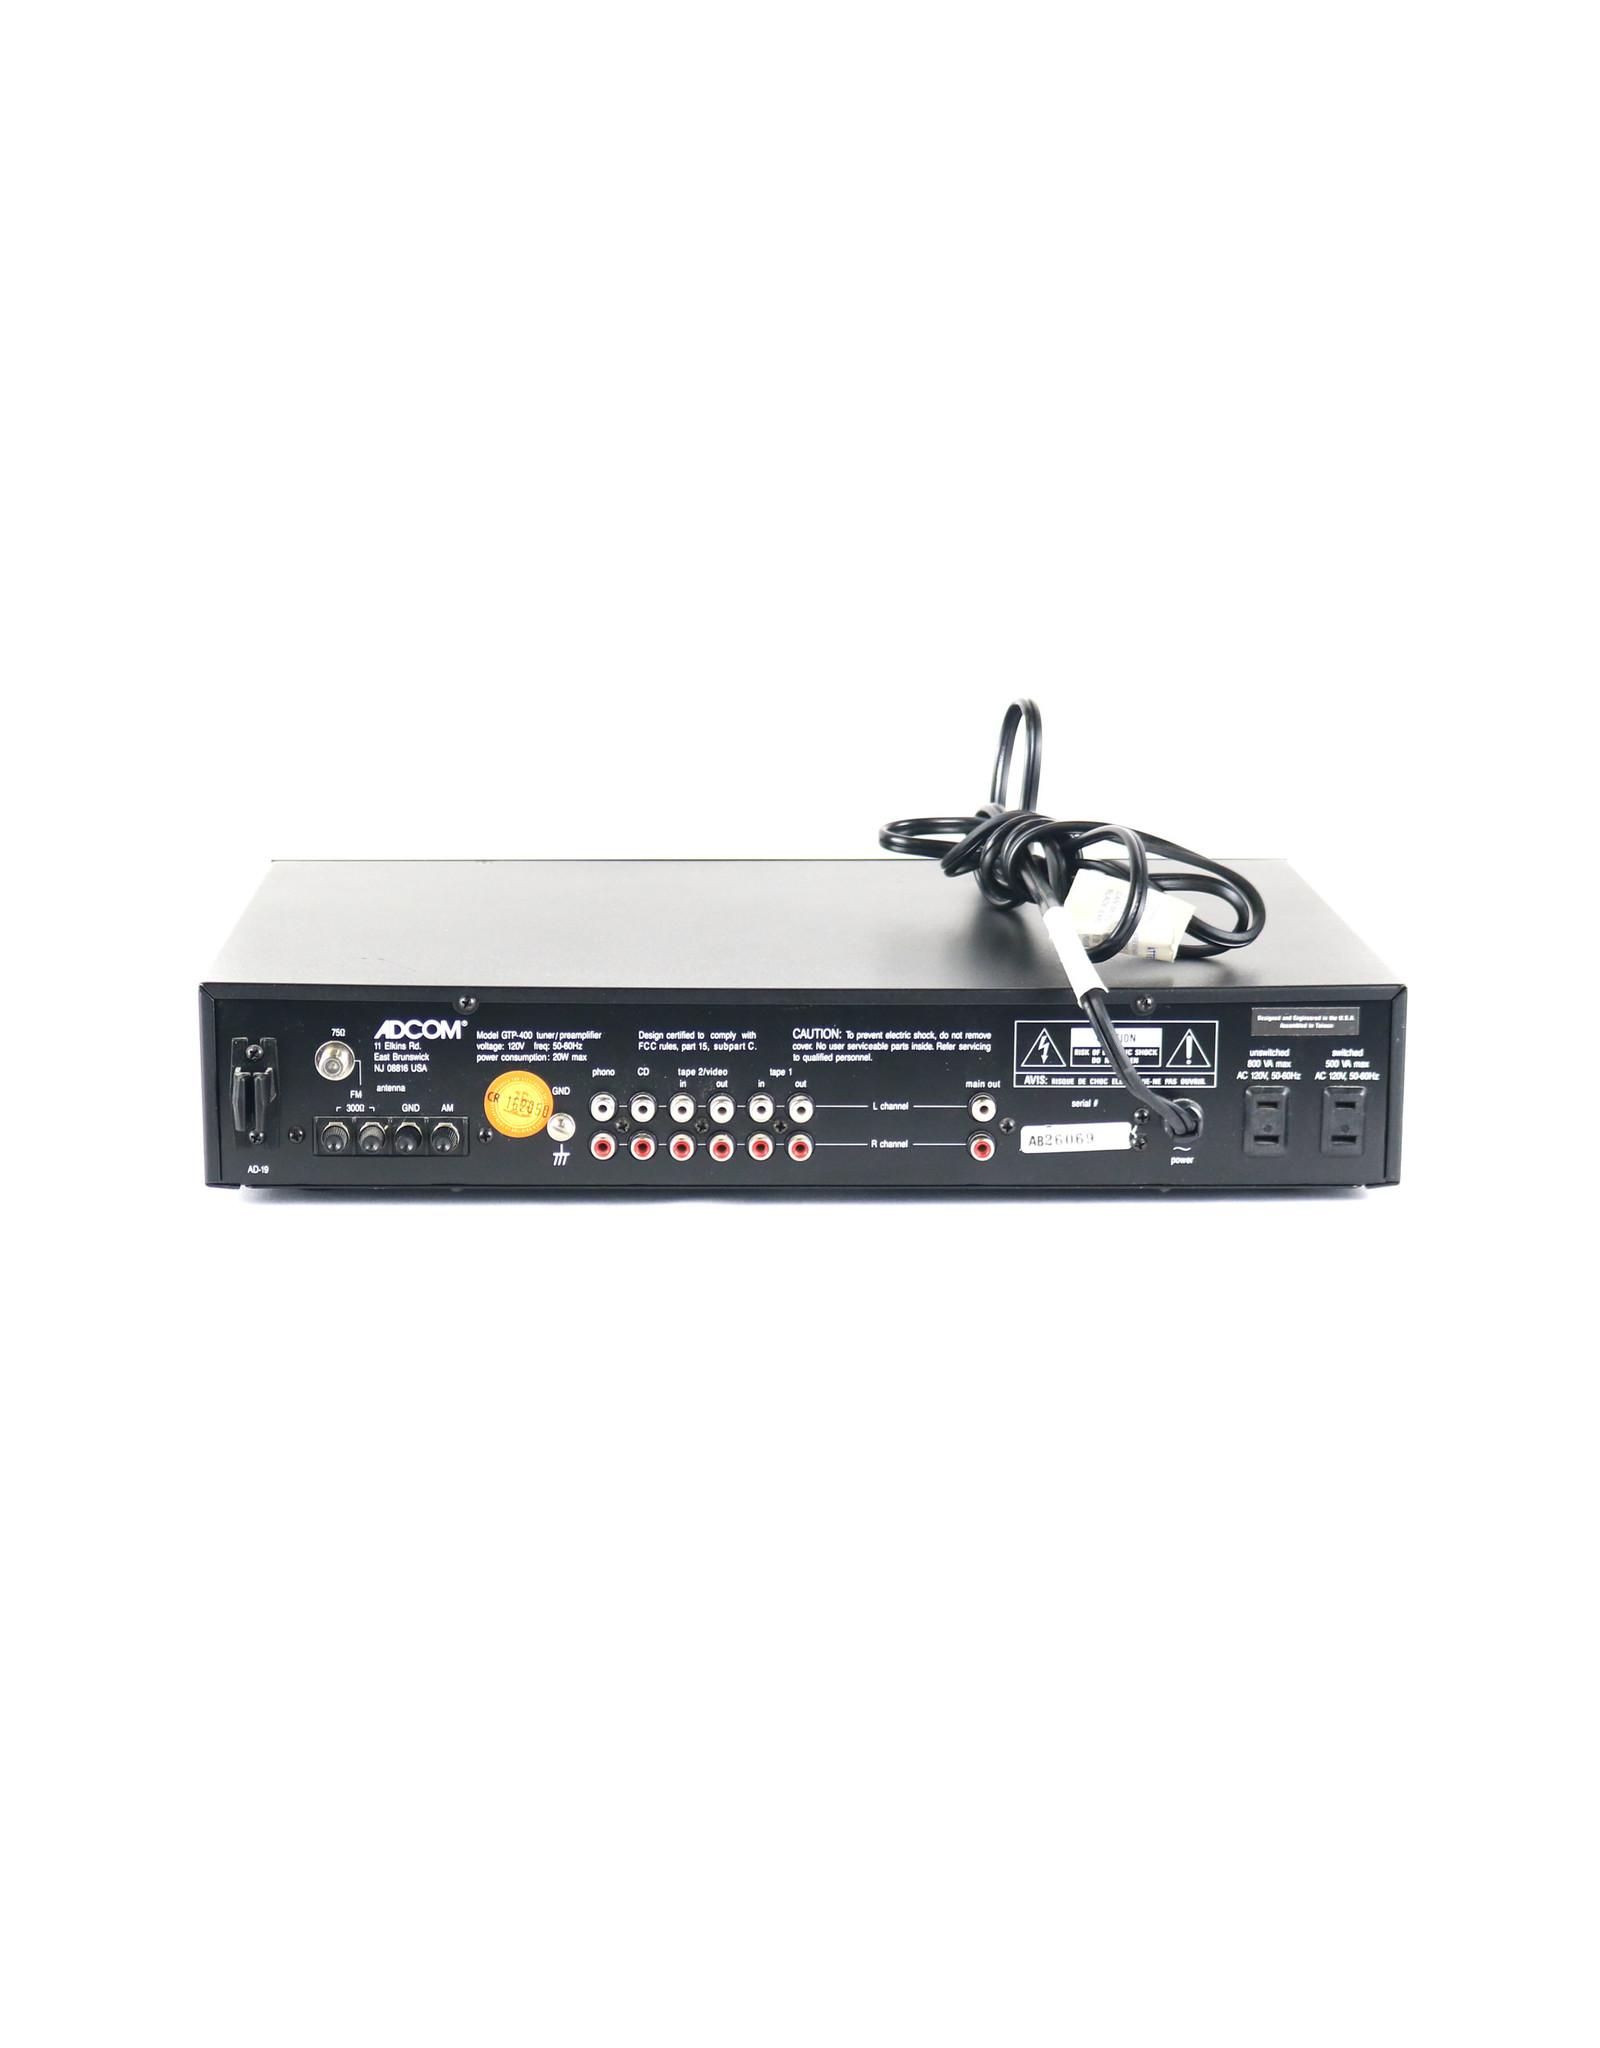 Adcom Adcom GTP-400 Tuner Preamp USED